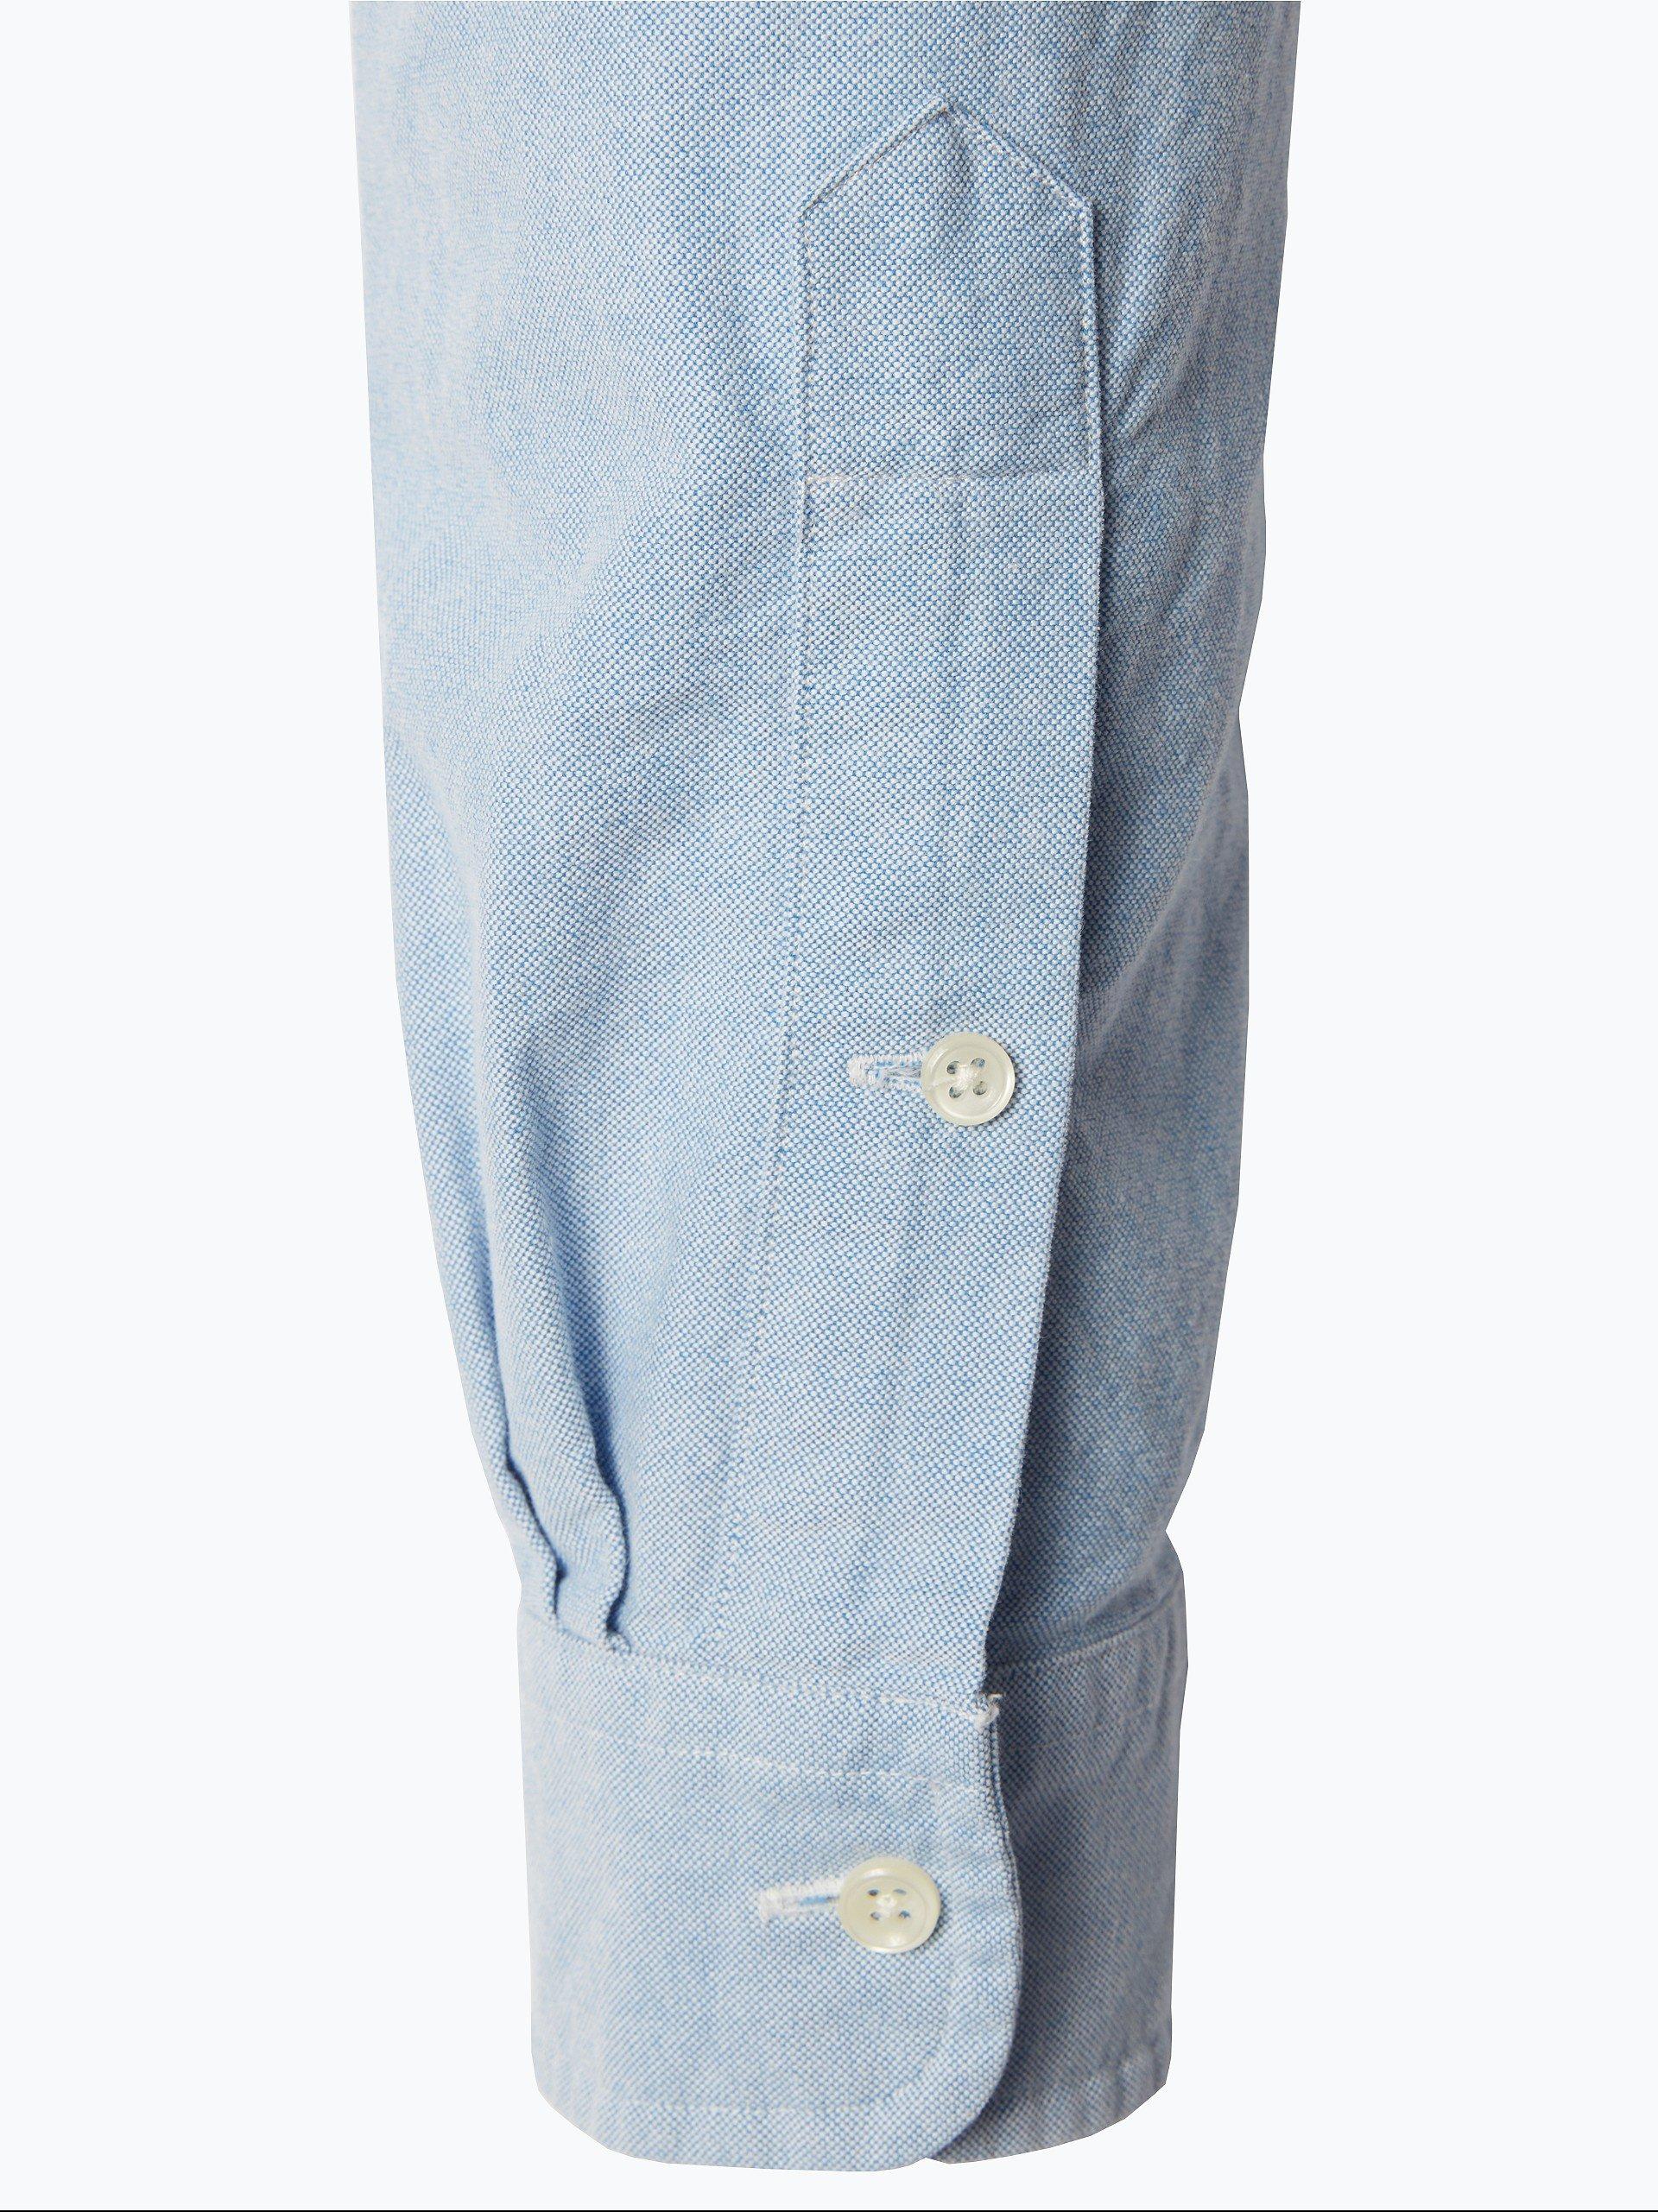 Polo Ralph Lauren Herren Hemd